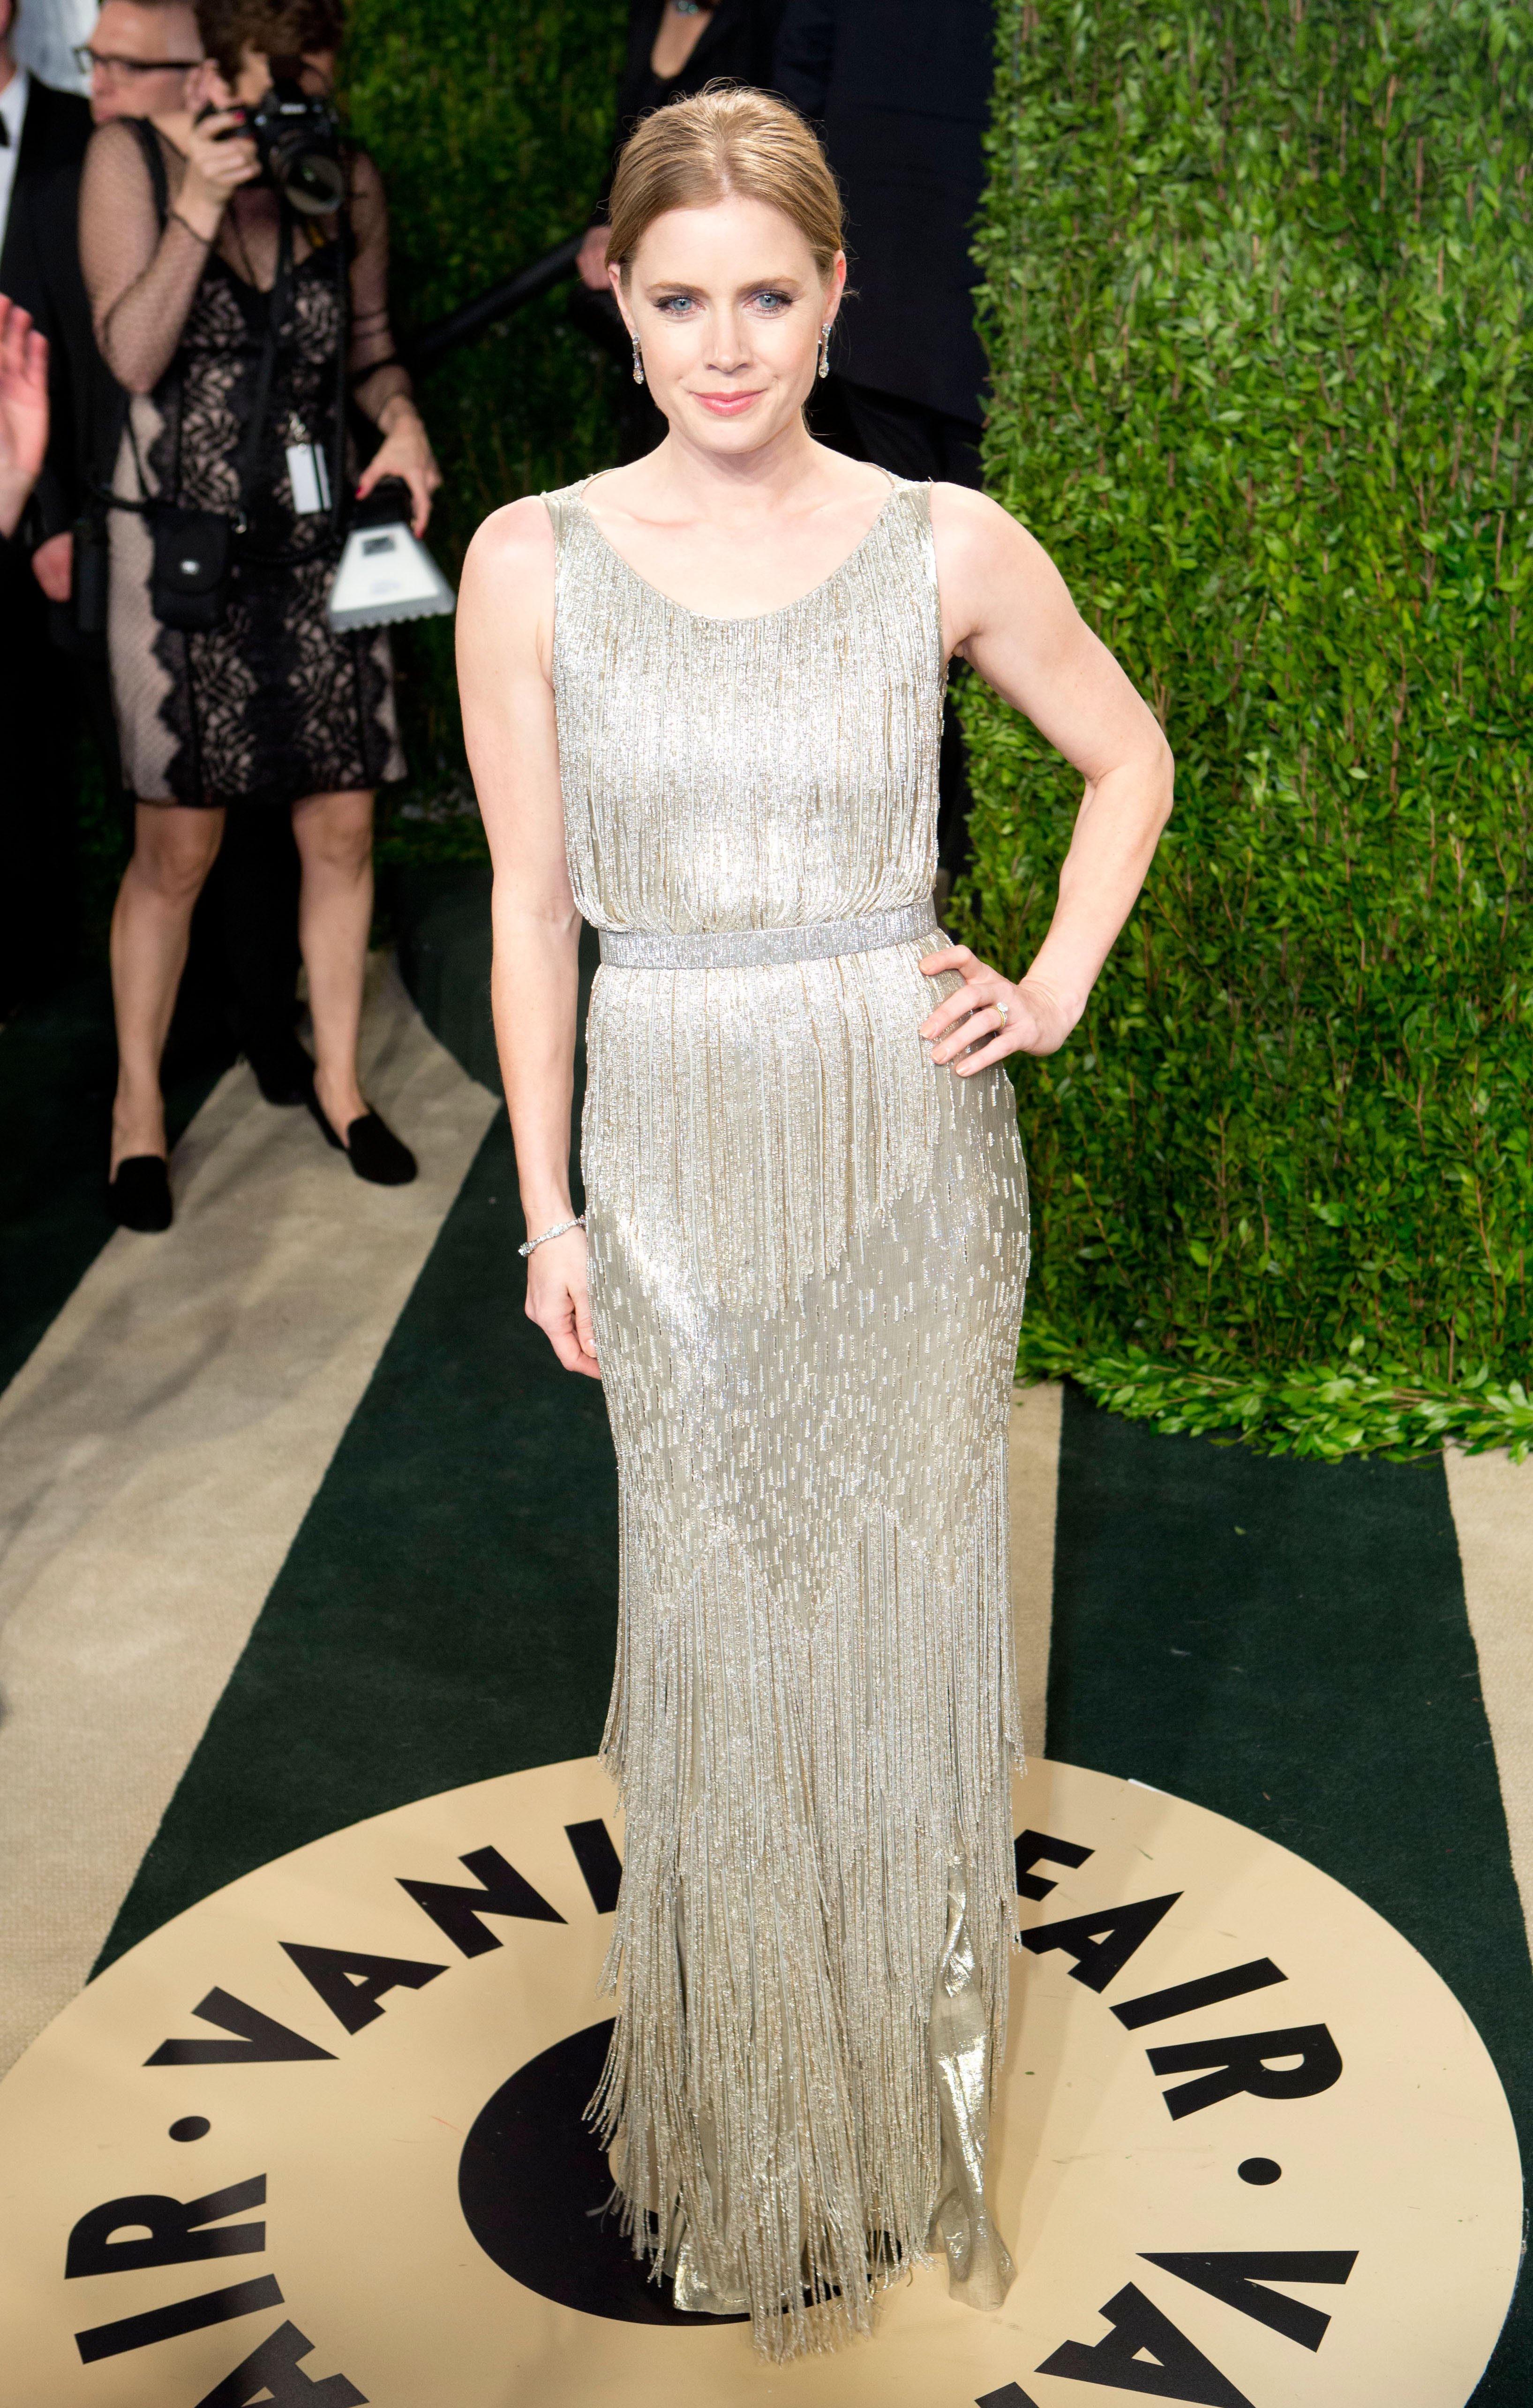 Amy Adams arrived at the Vanity Fair Oscar party.